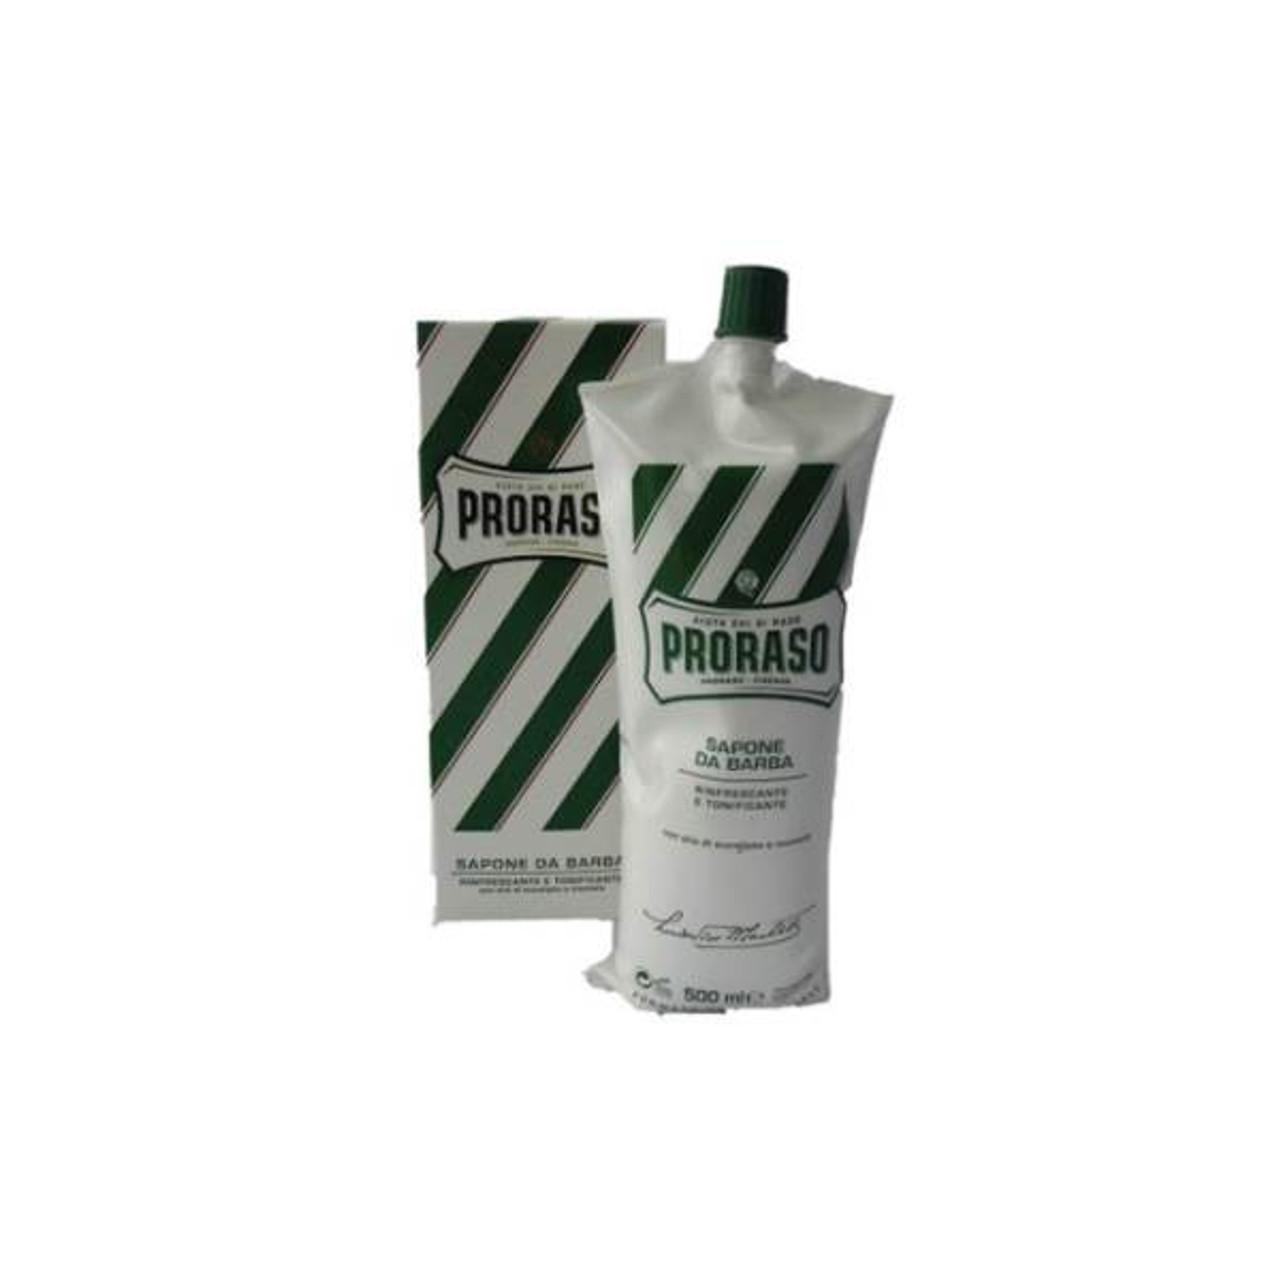 Proraso Shave Cream Green 500ml